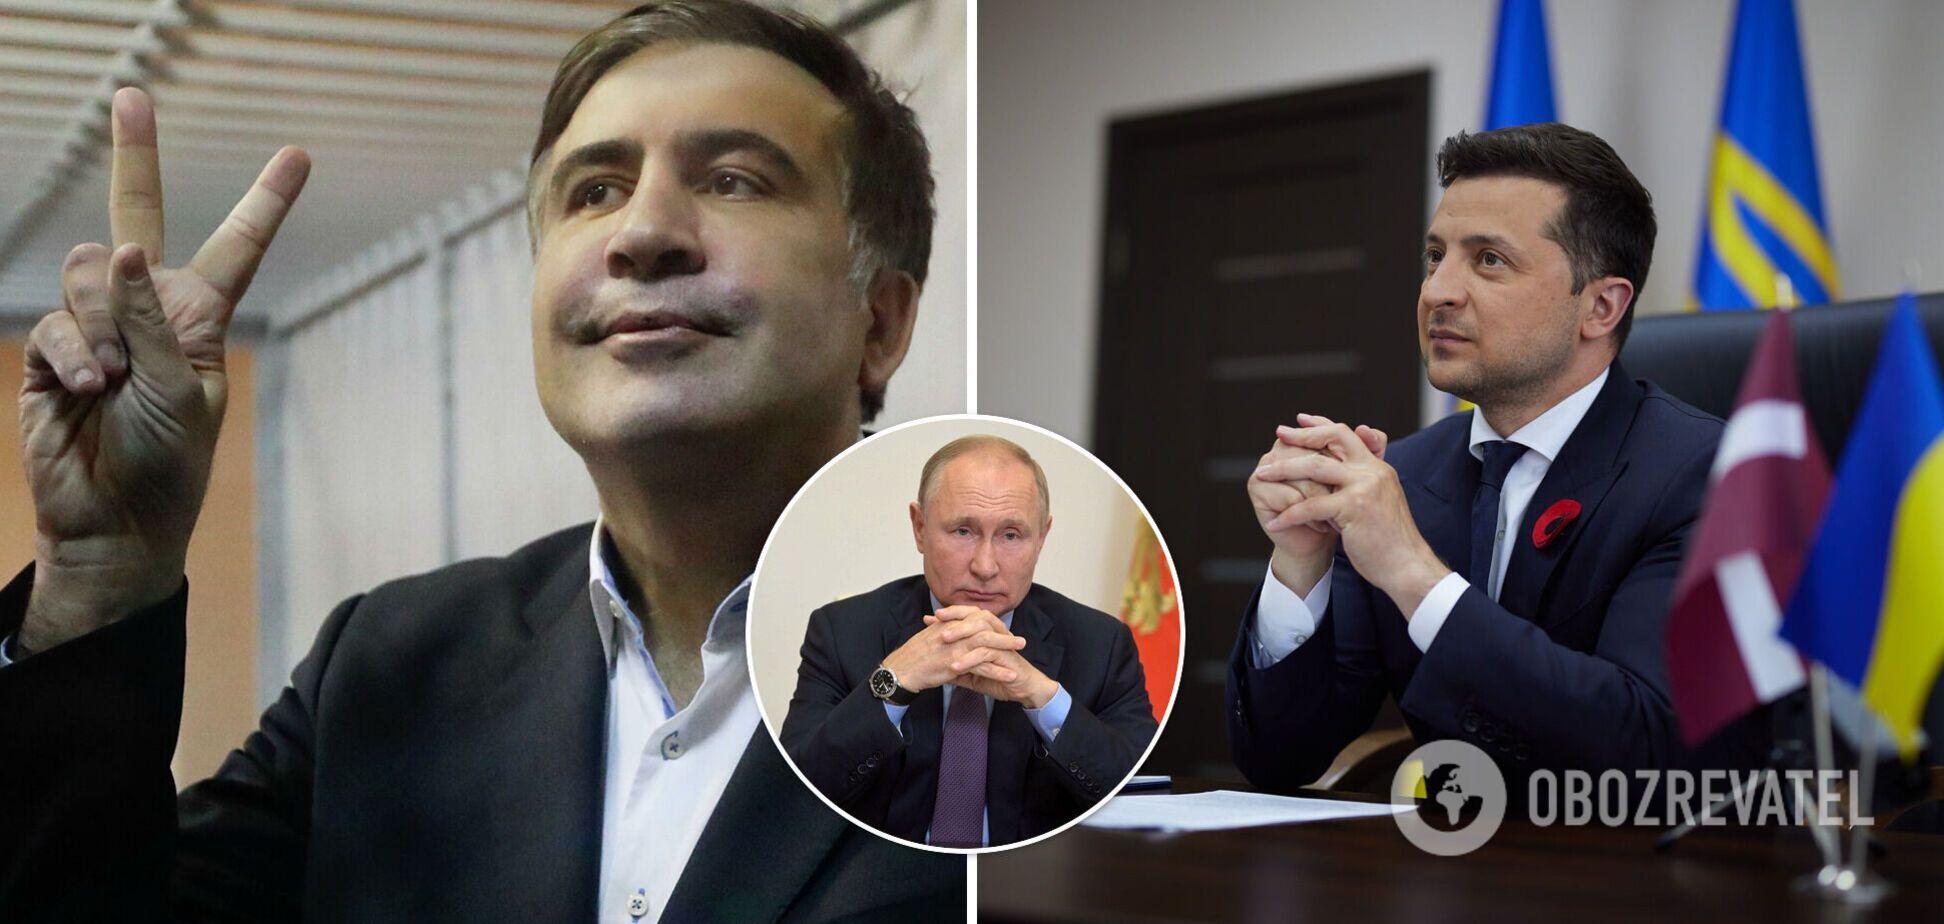 Саакашвілі написав листа Зеленському та назвав себе 'в'язнем Путіна'